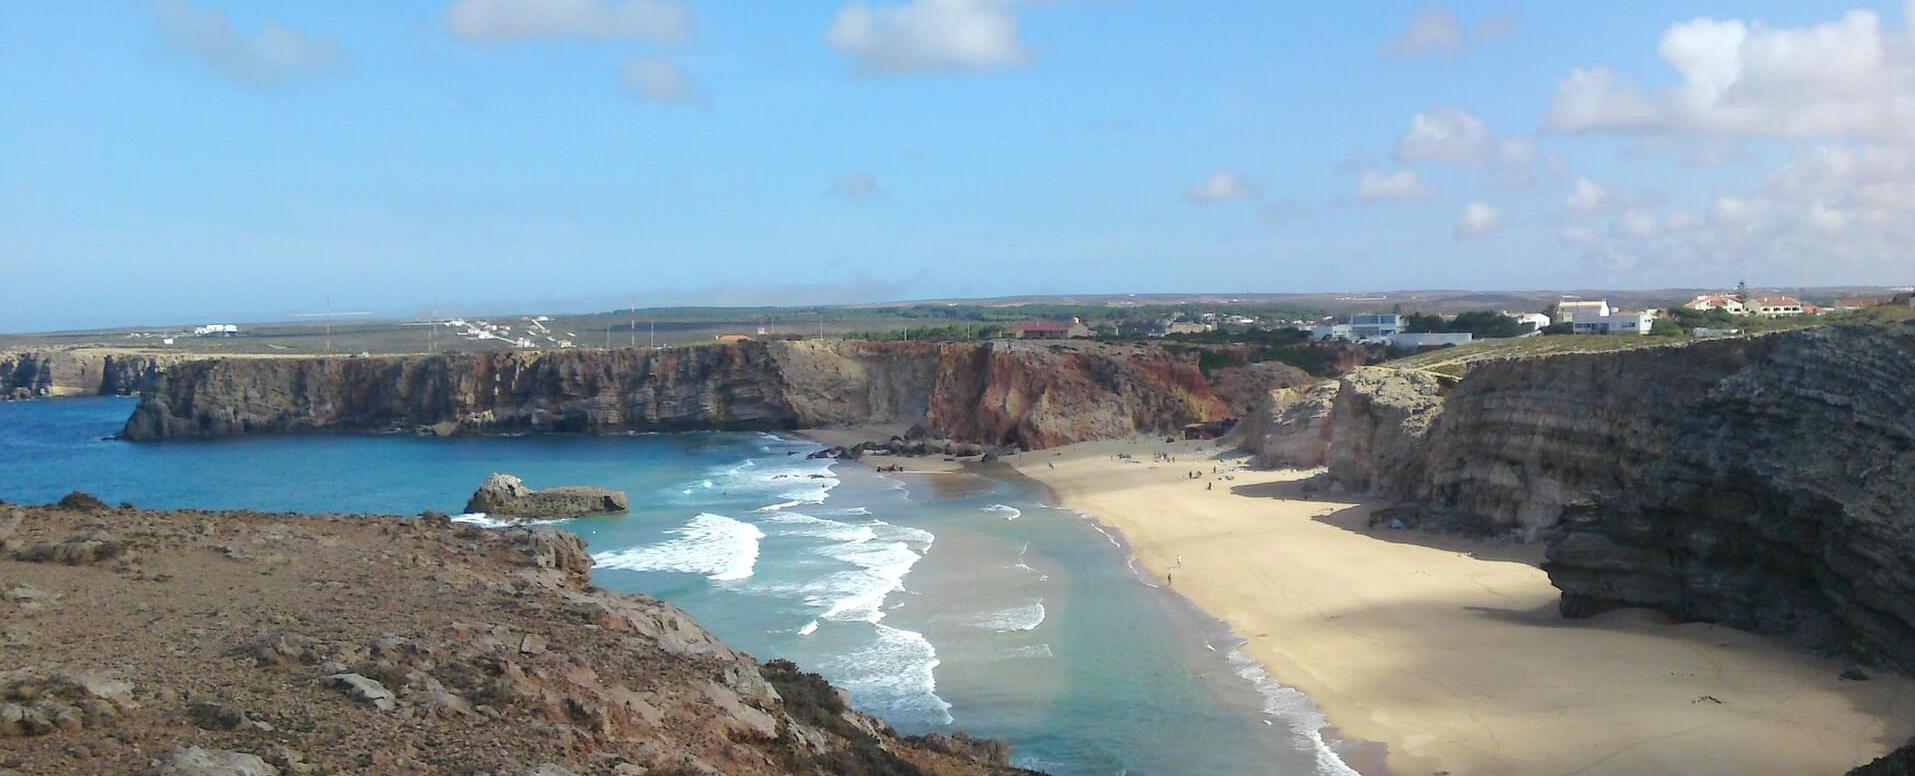 10 activités à faire en famille en Algarve - Algarve